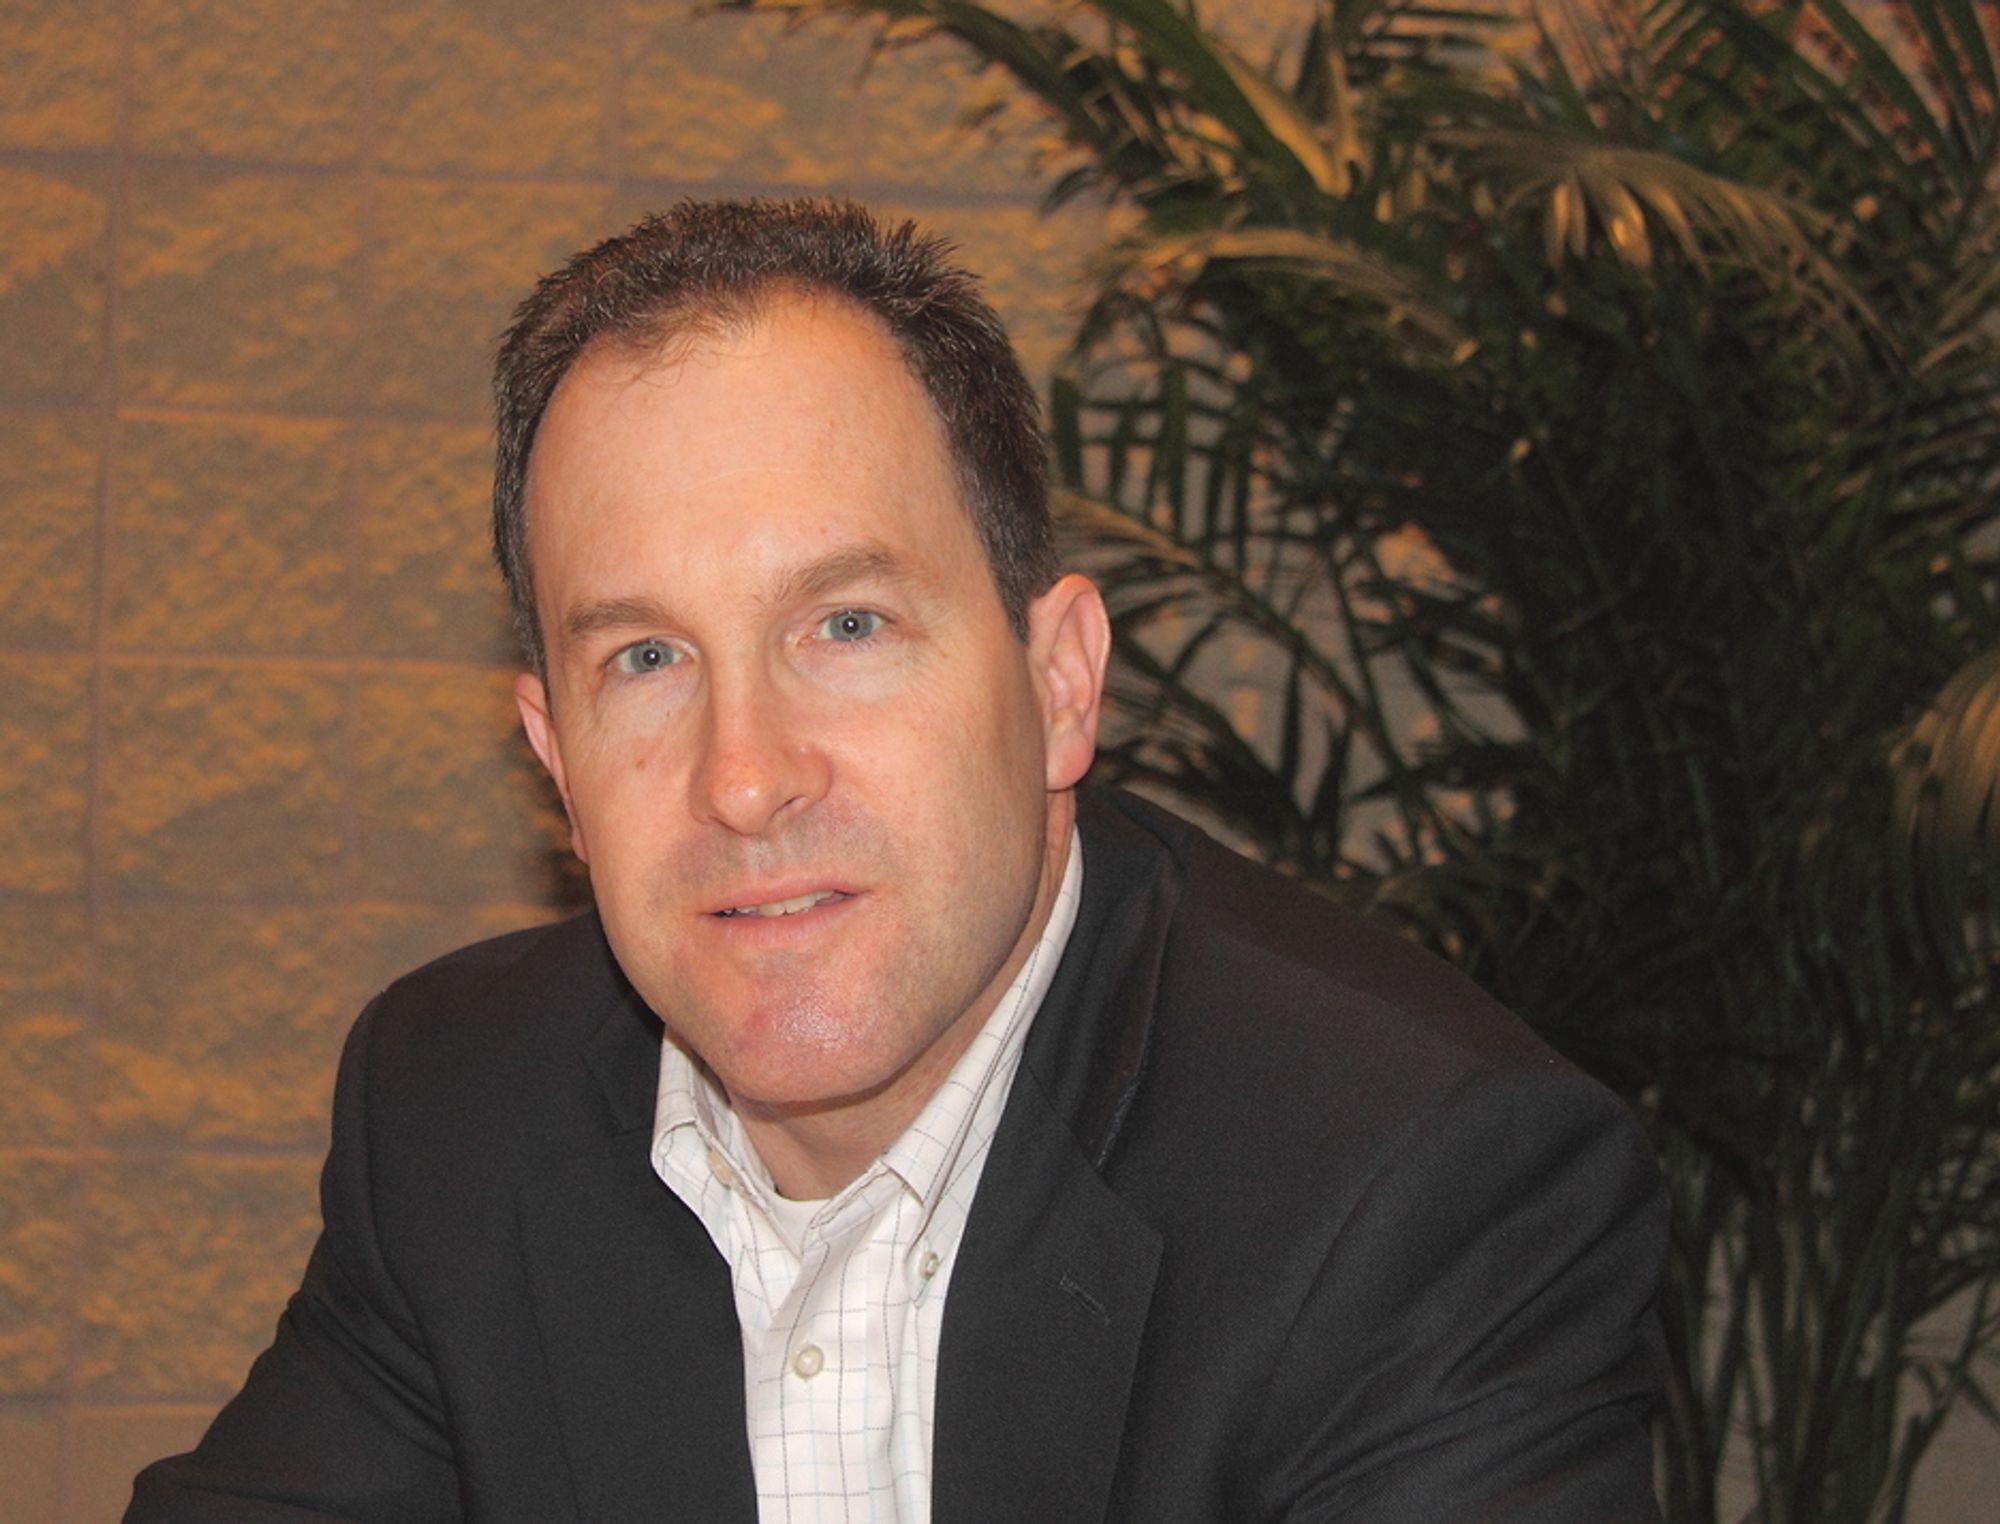 I SMØRØYET:markedssjef Brian Fitzgerald RSA har ingen grunn til å klage. Tilstrømningen av cyberskurker er upåklagelig og sikrer markedet for han og andre i datasikkerhetsbransjen